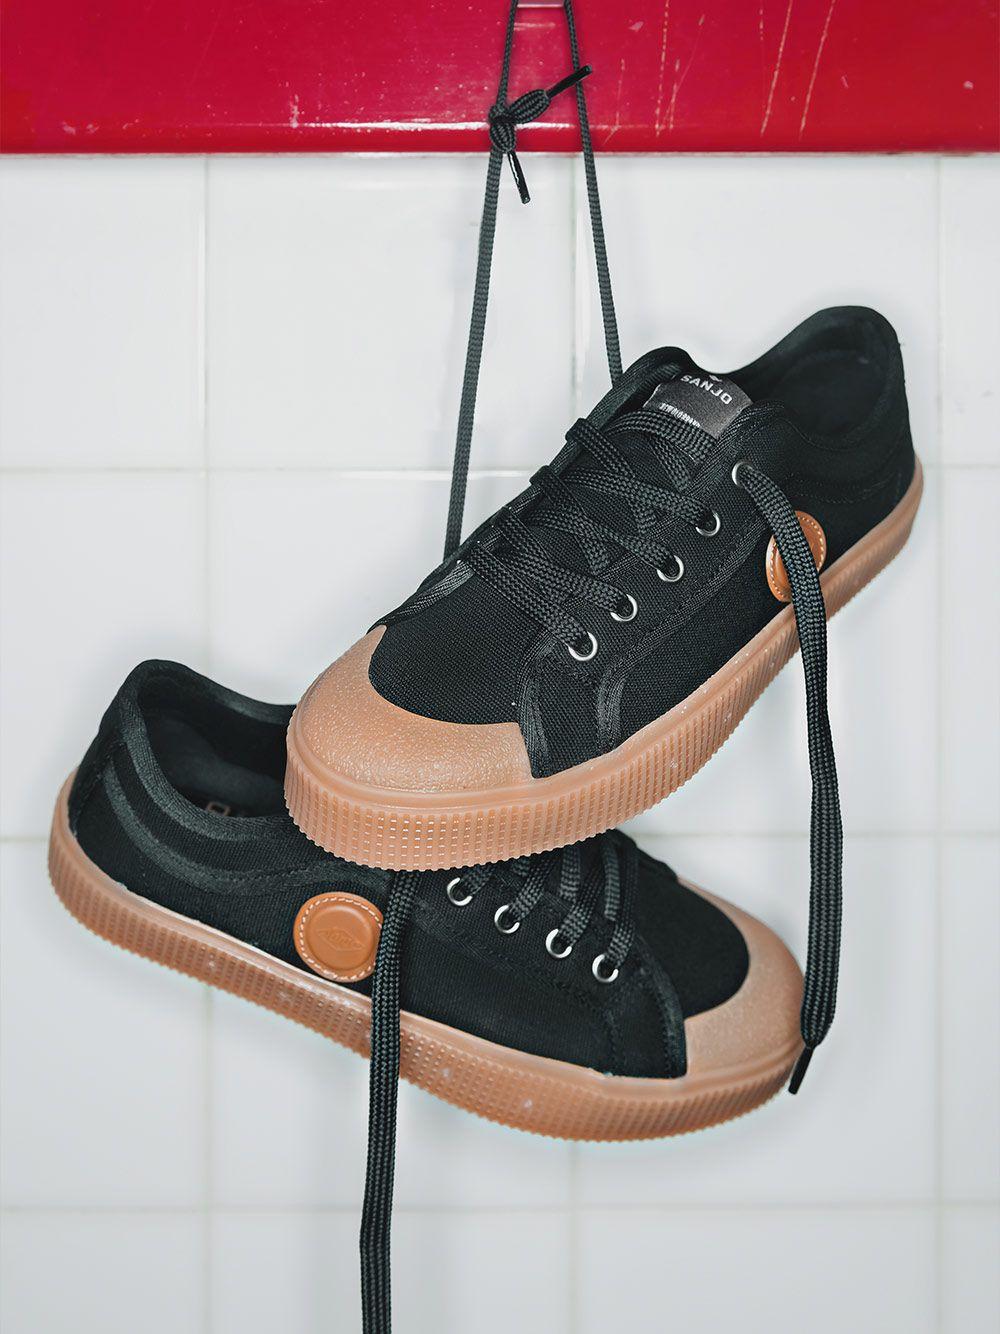 Black & Caramel K200 Sneakers | Sanjo